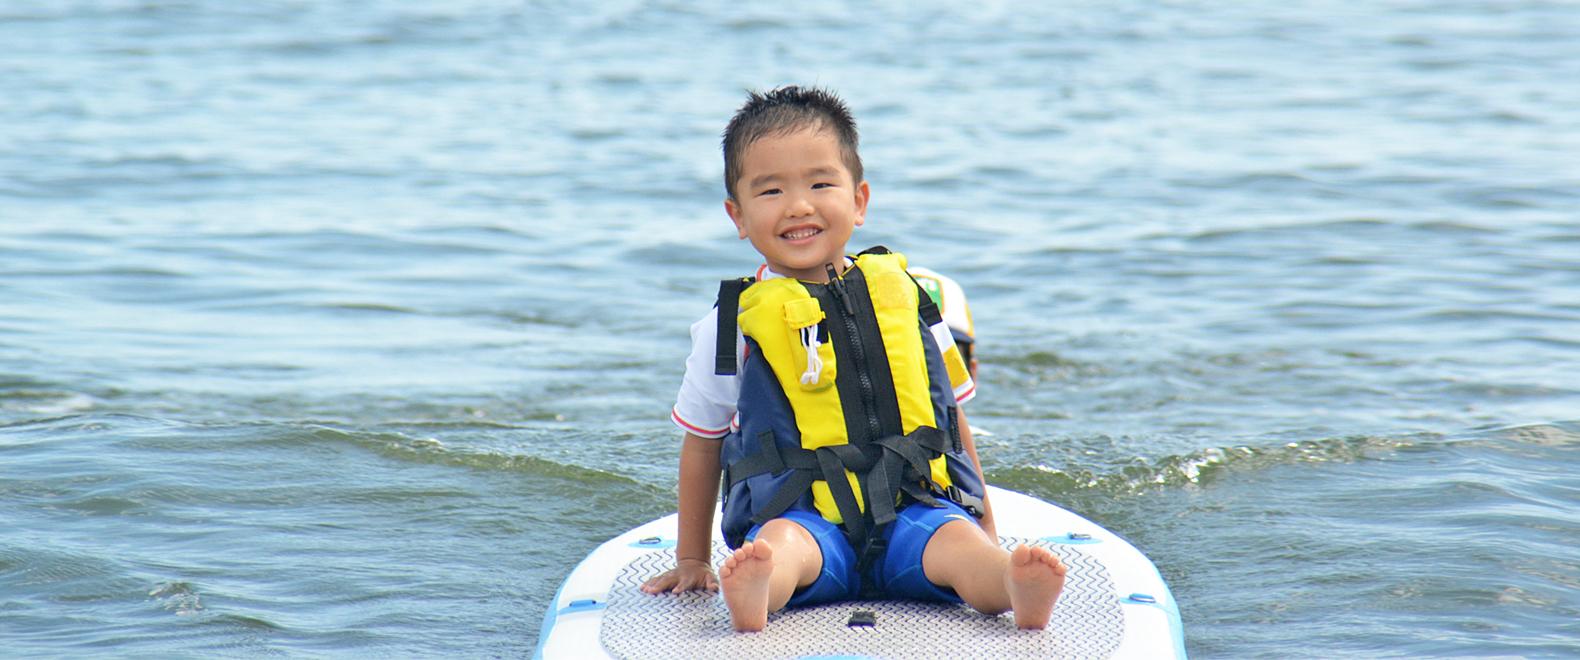 サーフィンで障がい児に笑顔を